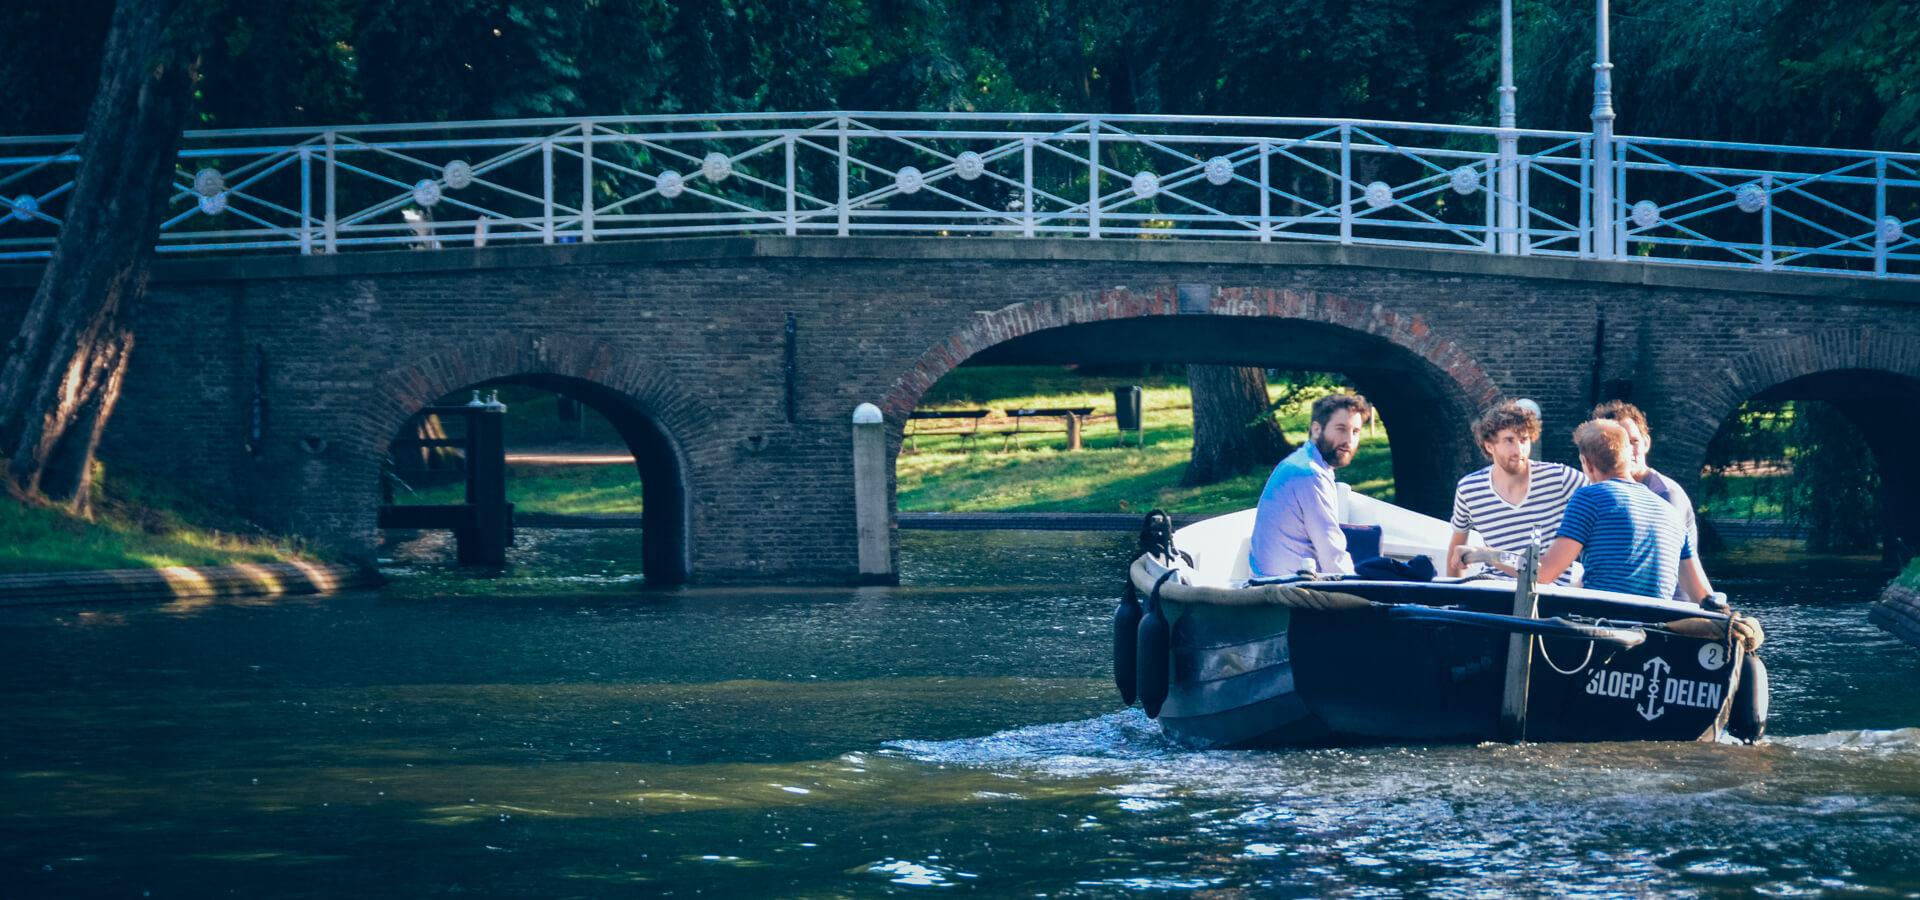 Boat Rental - Sloep Huren 1 - Sloepdelen